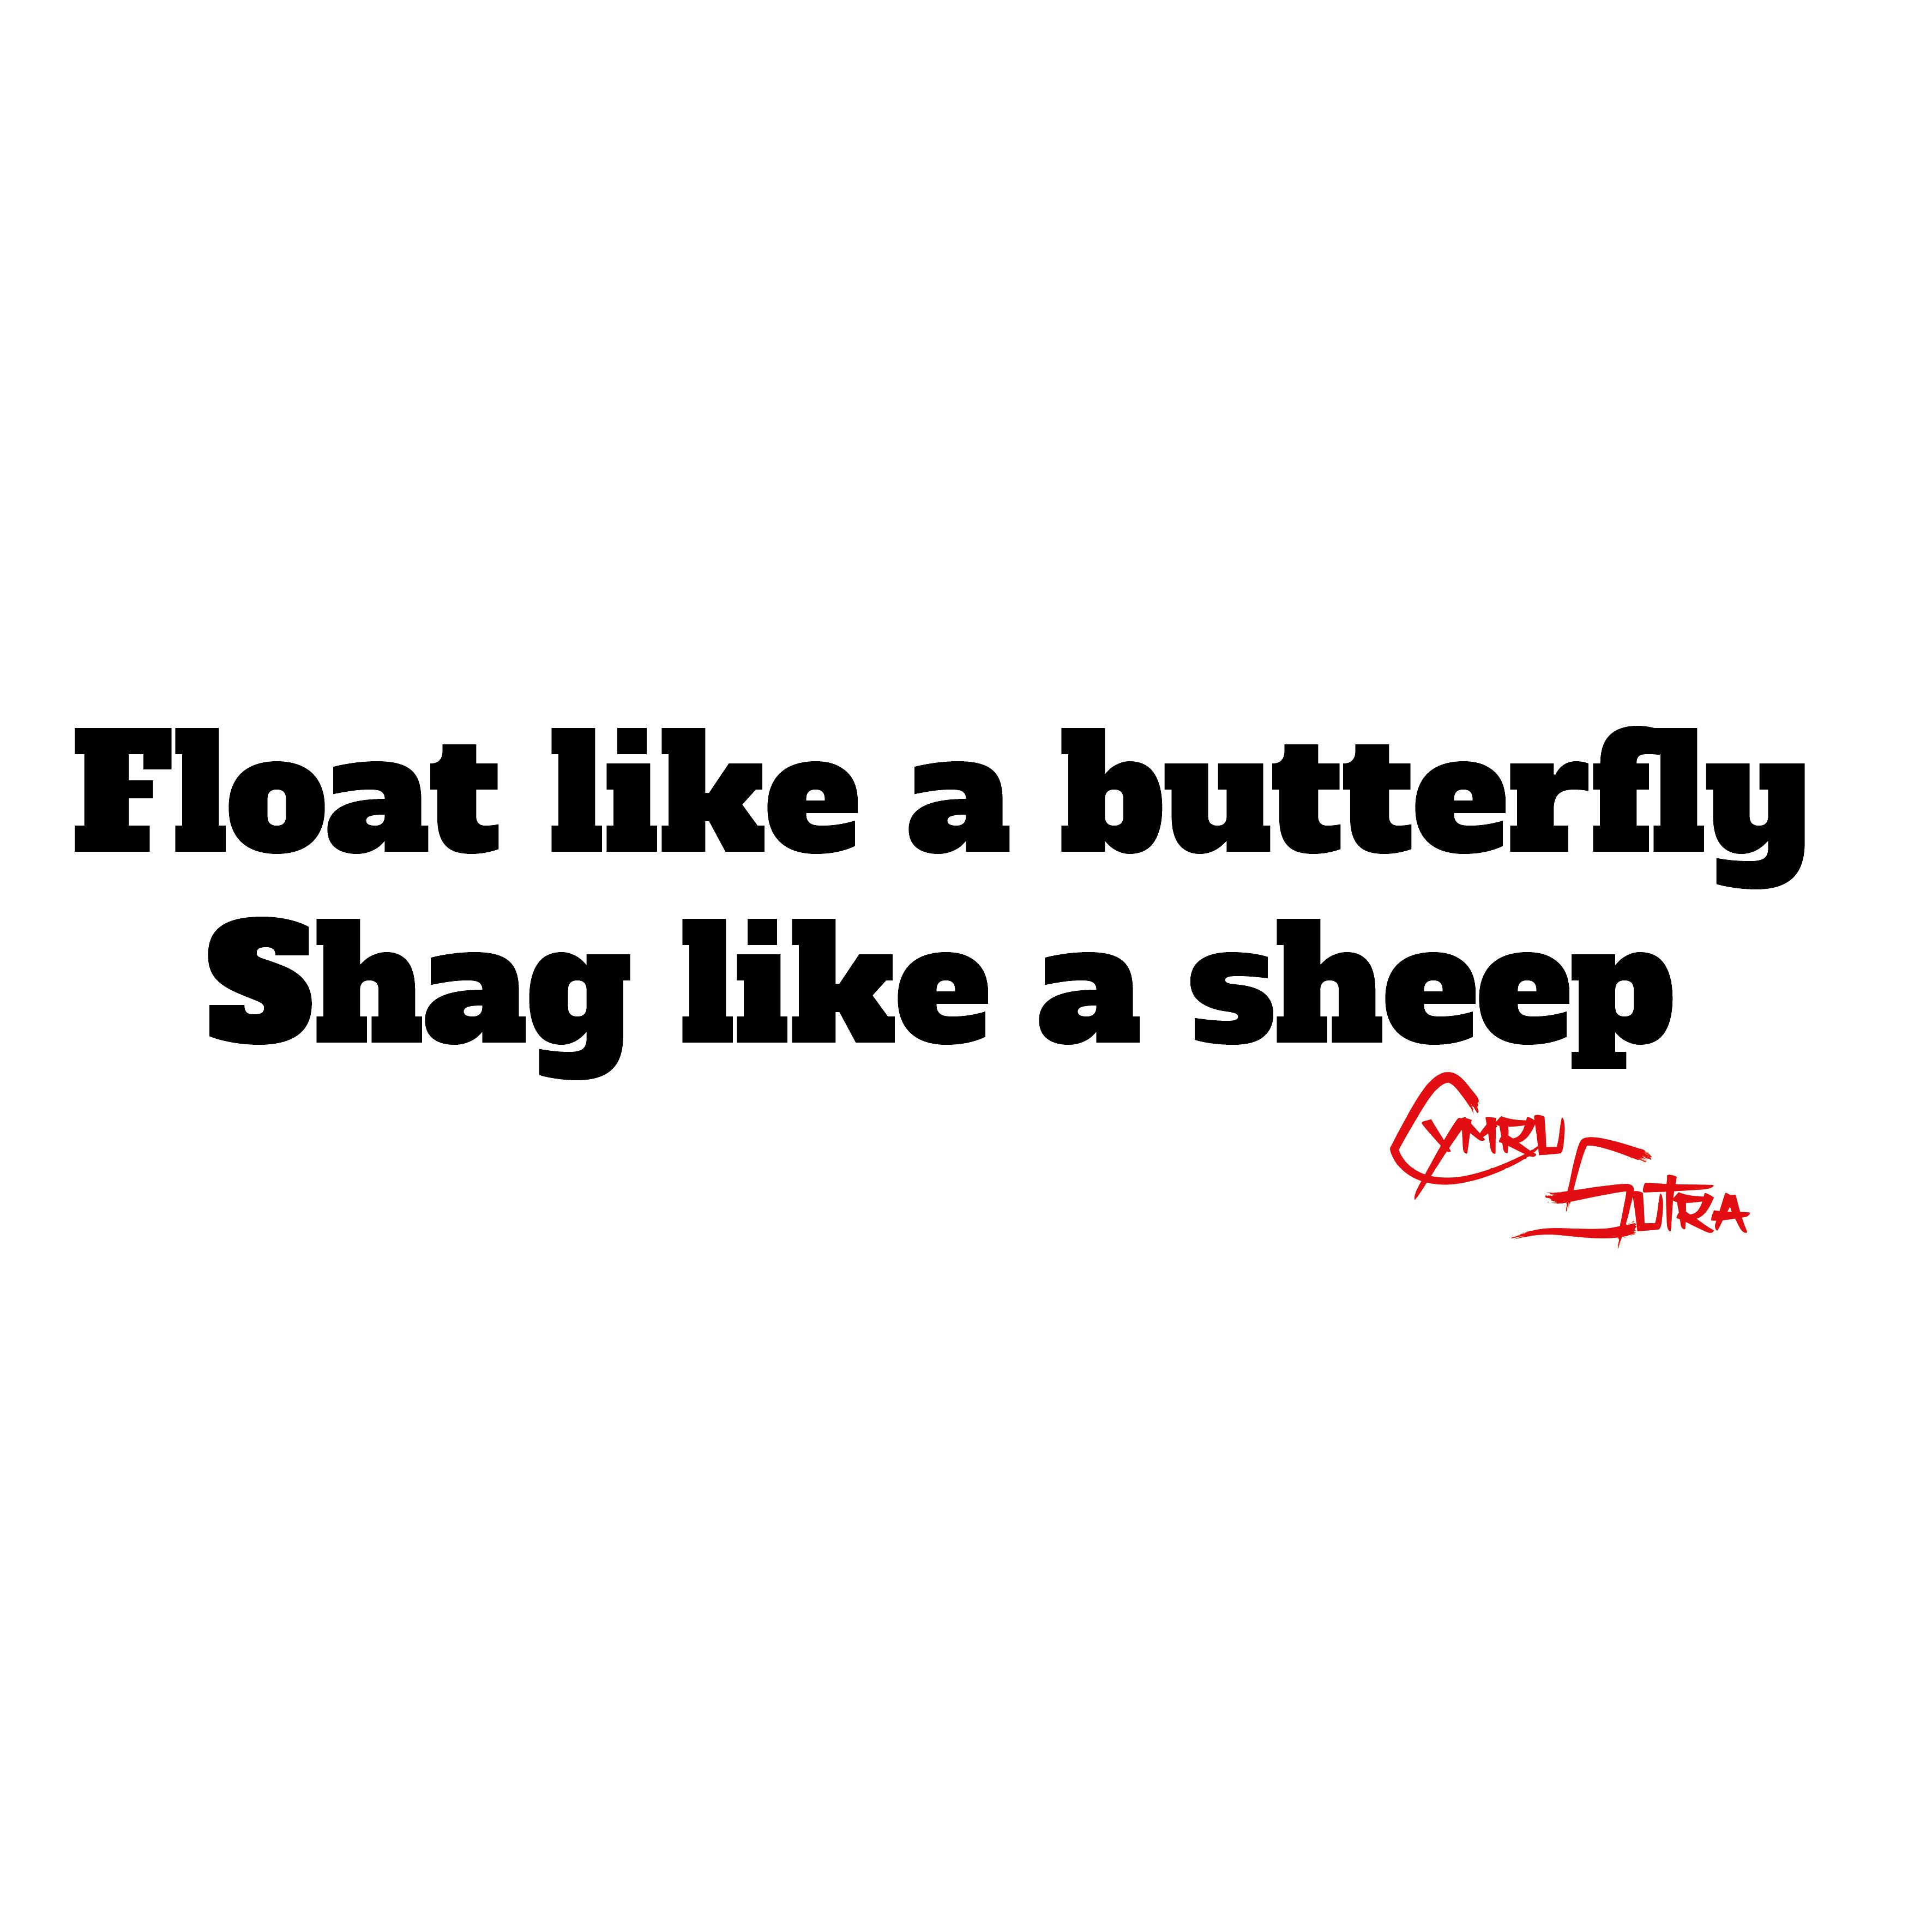 Shag Like a Sheep